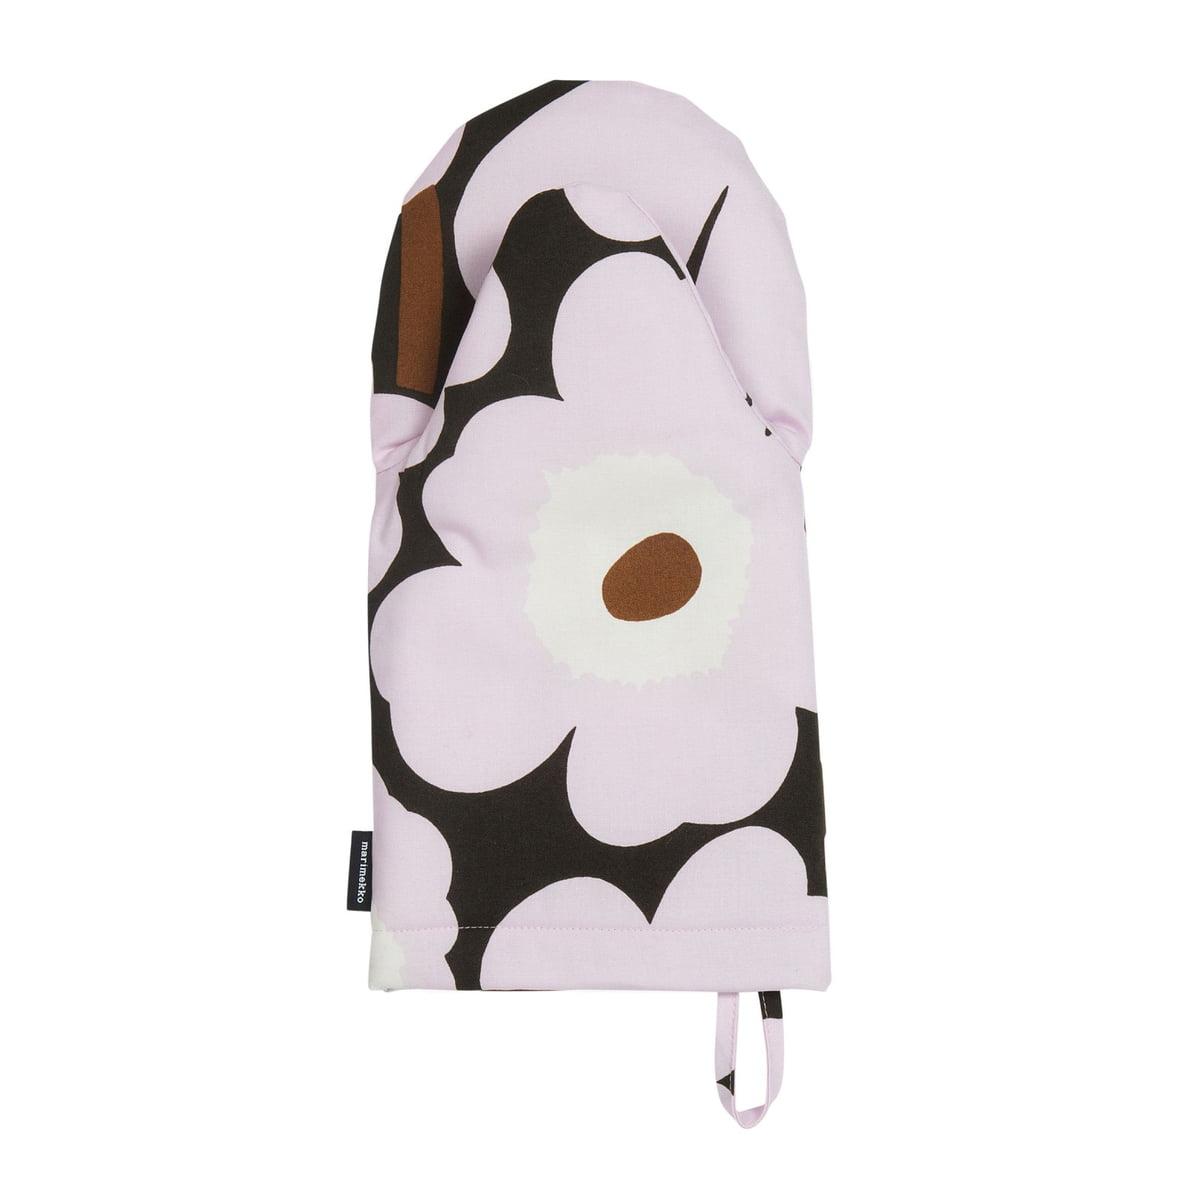 Marimekko - Pieni Unikko Ofenhandschuh, dunkelgrün / pink / braun (Frühling/Sommer 2019) | Küche und Esszimmer > Küchentextilien > Topflappen | Mehrfarbig | marimekko